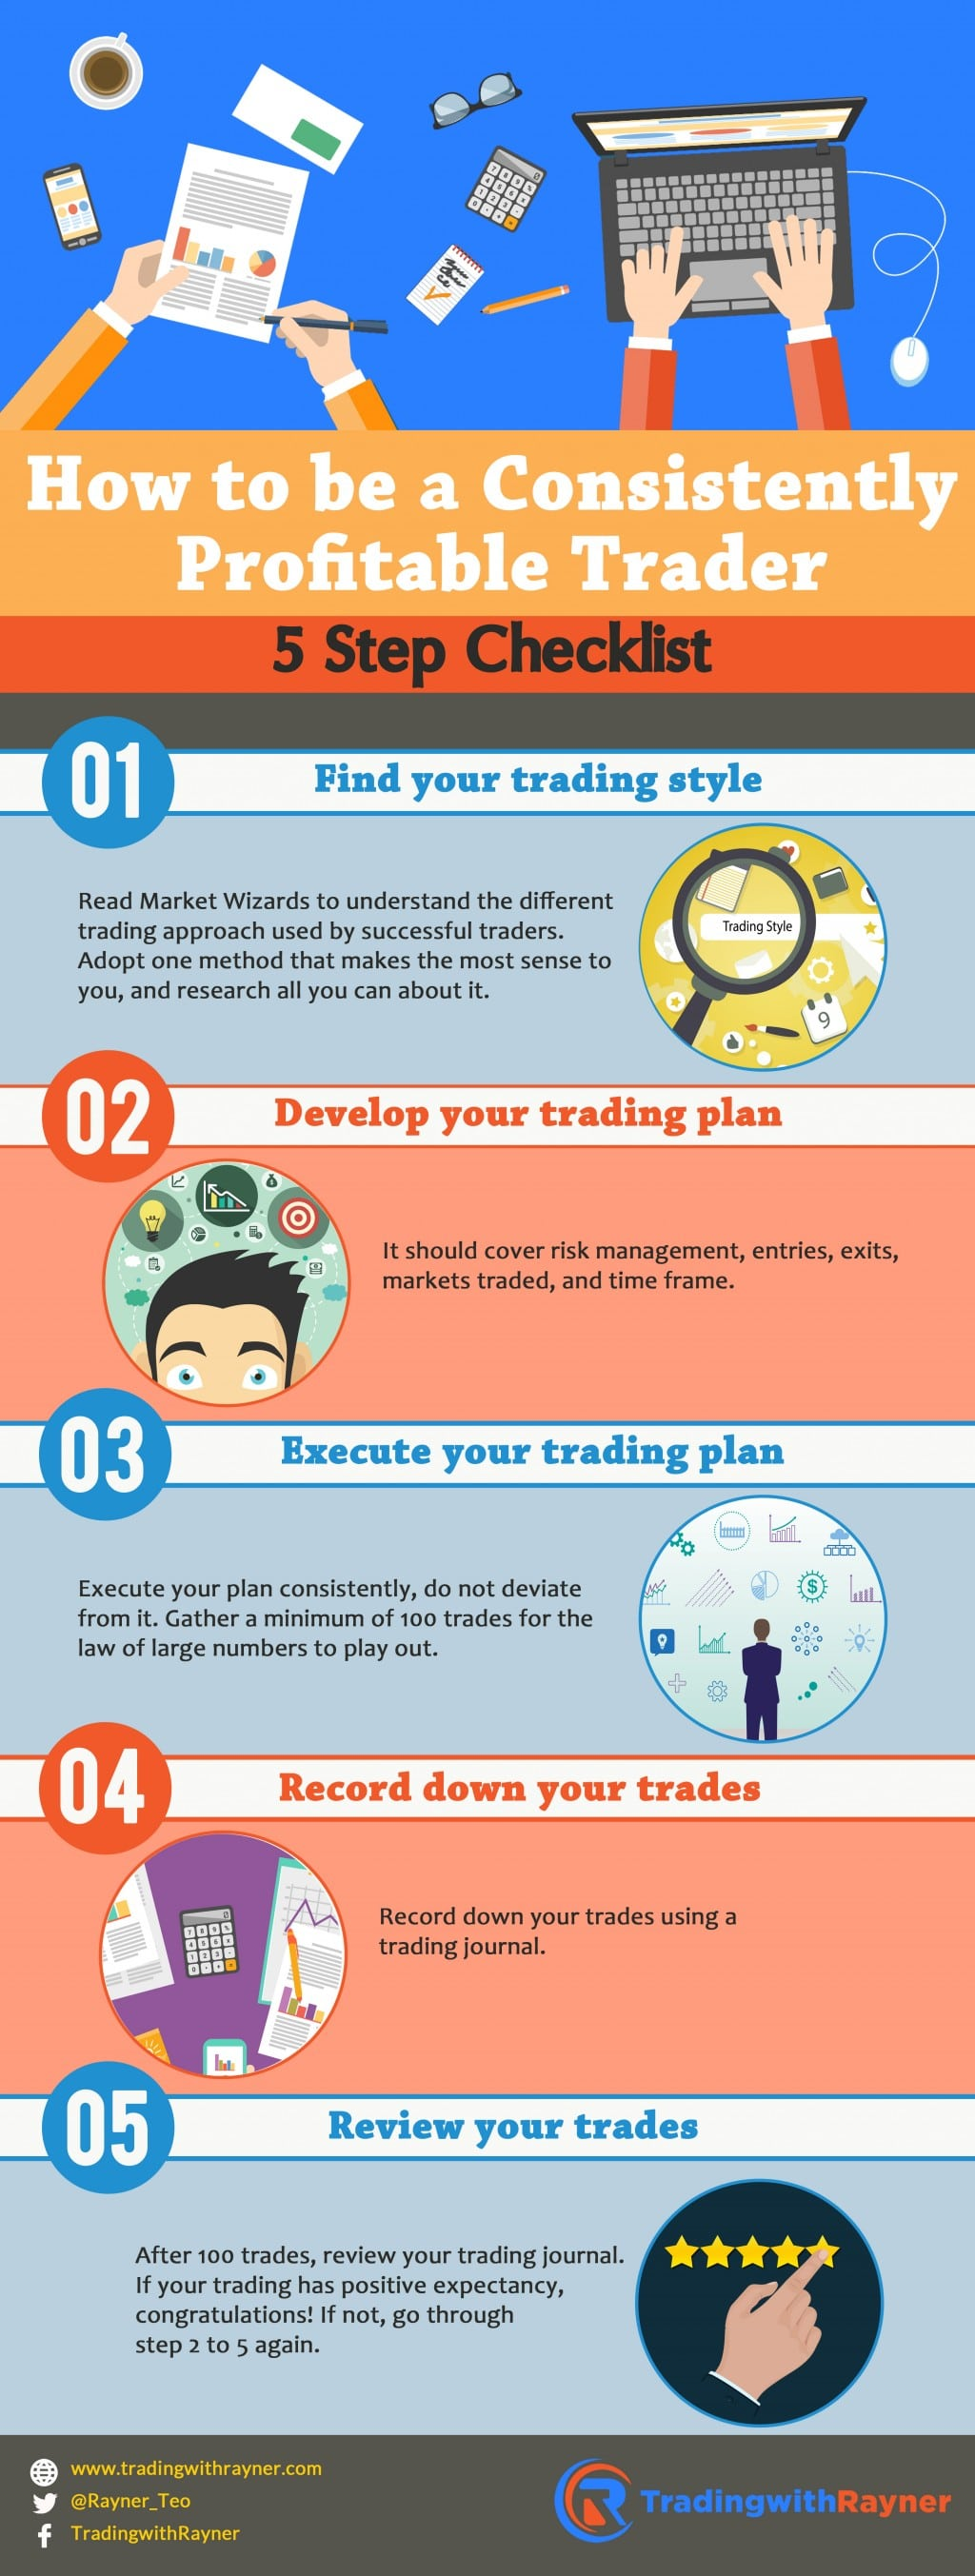 Consistently-profitable-trader-checklist